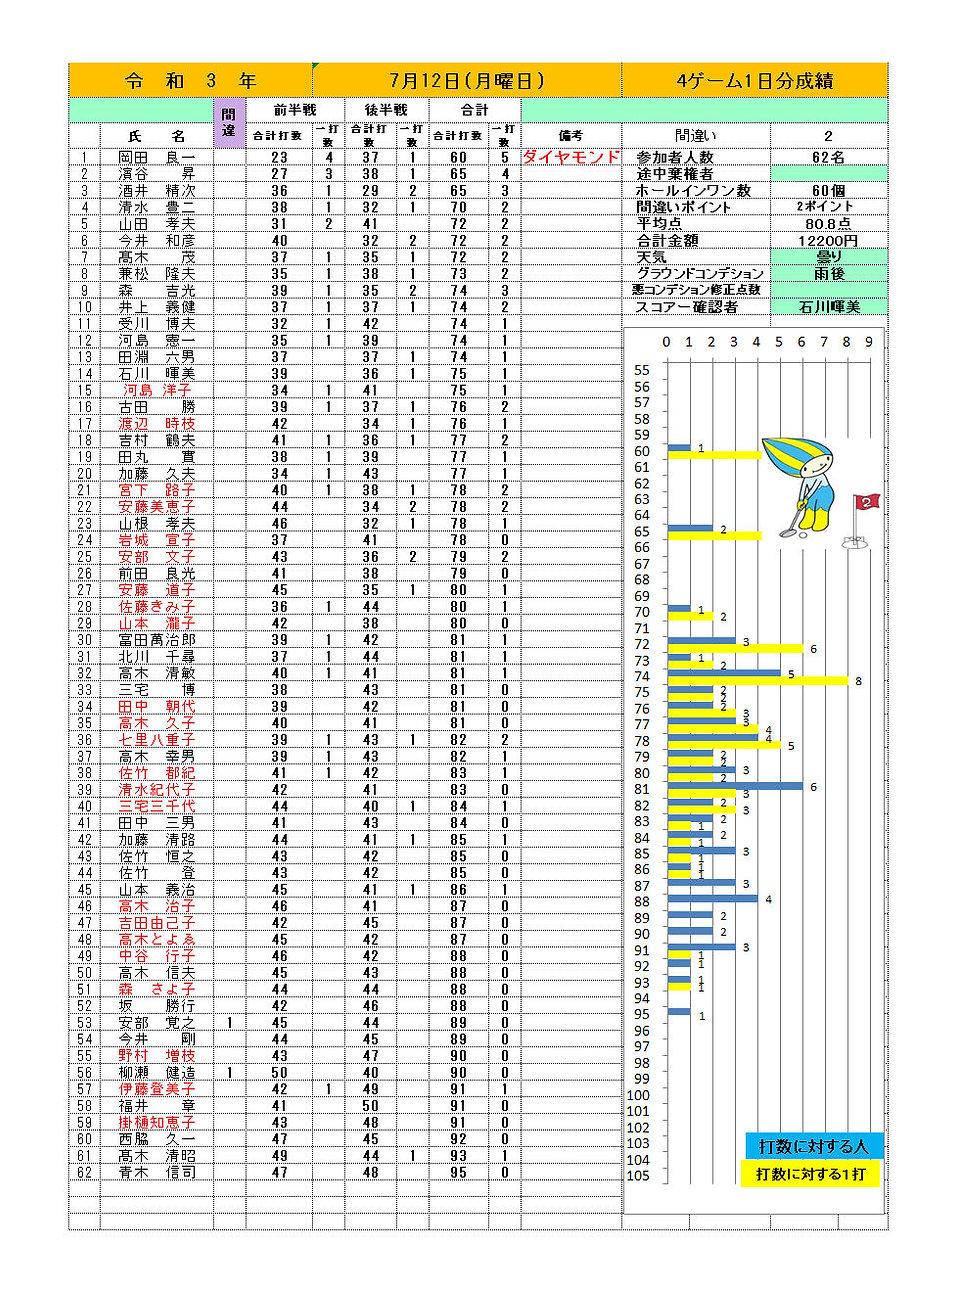 7月12日桃配成績.jpg